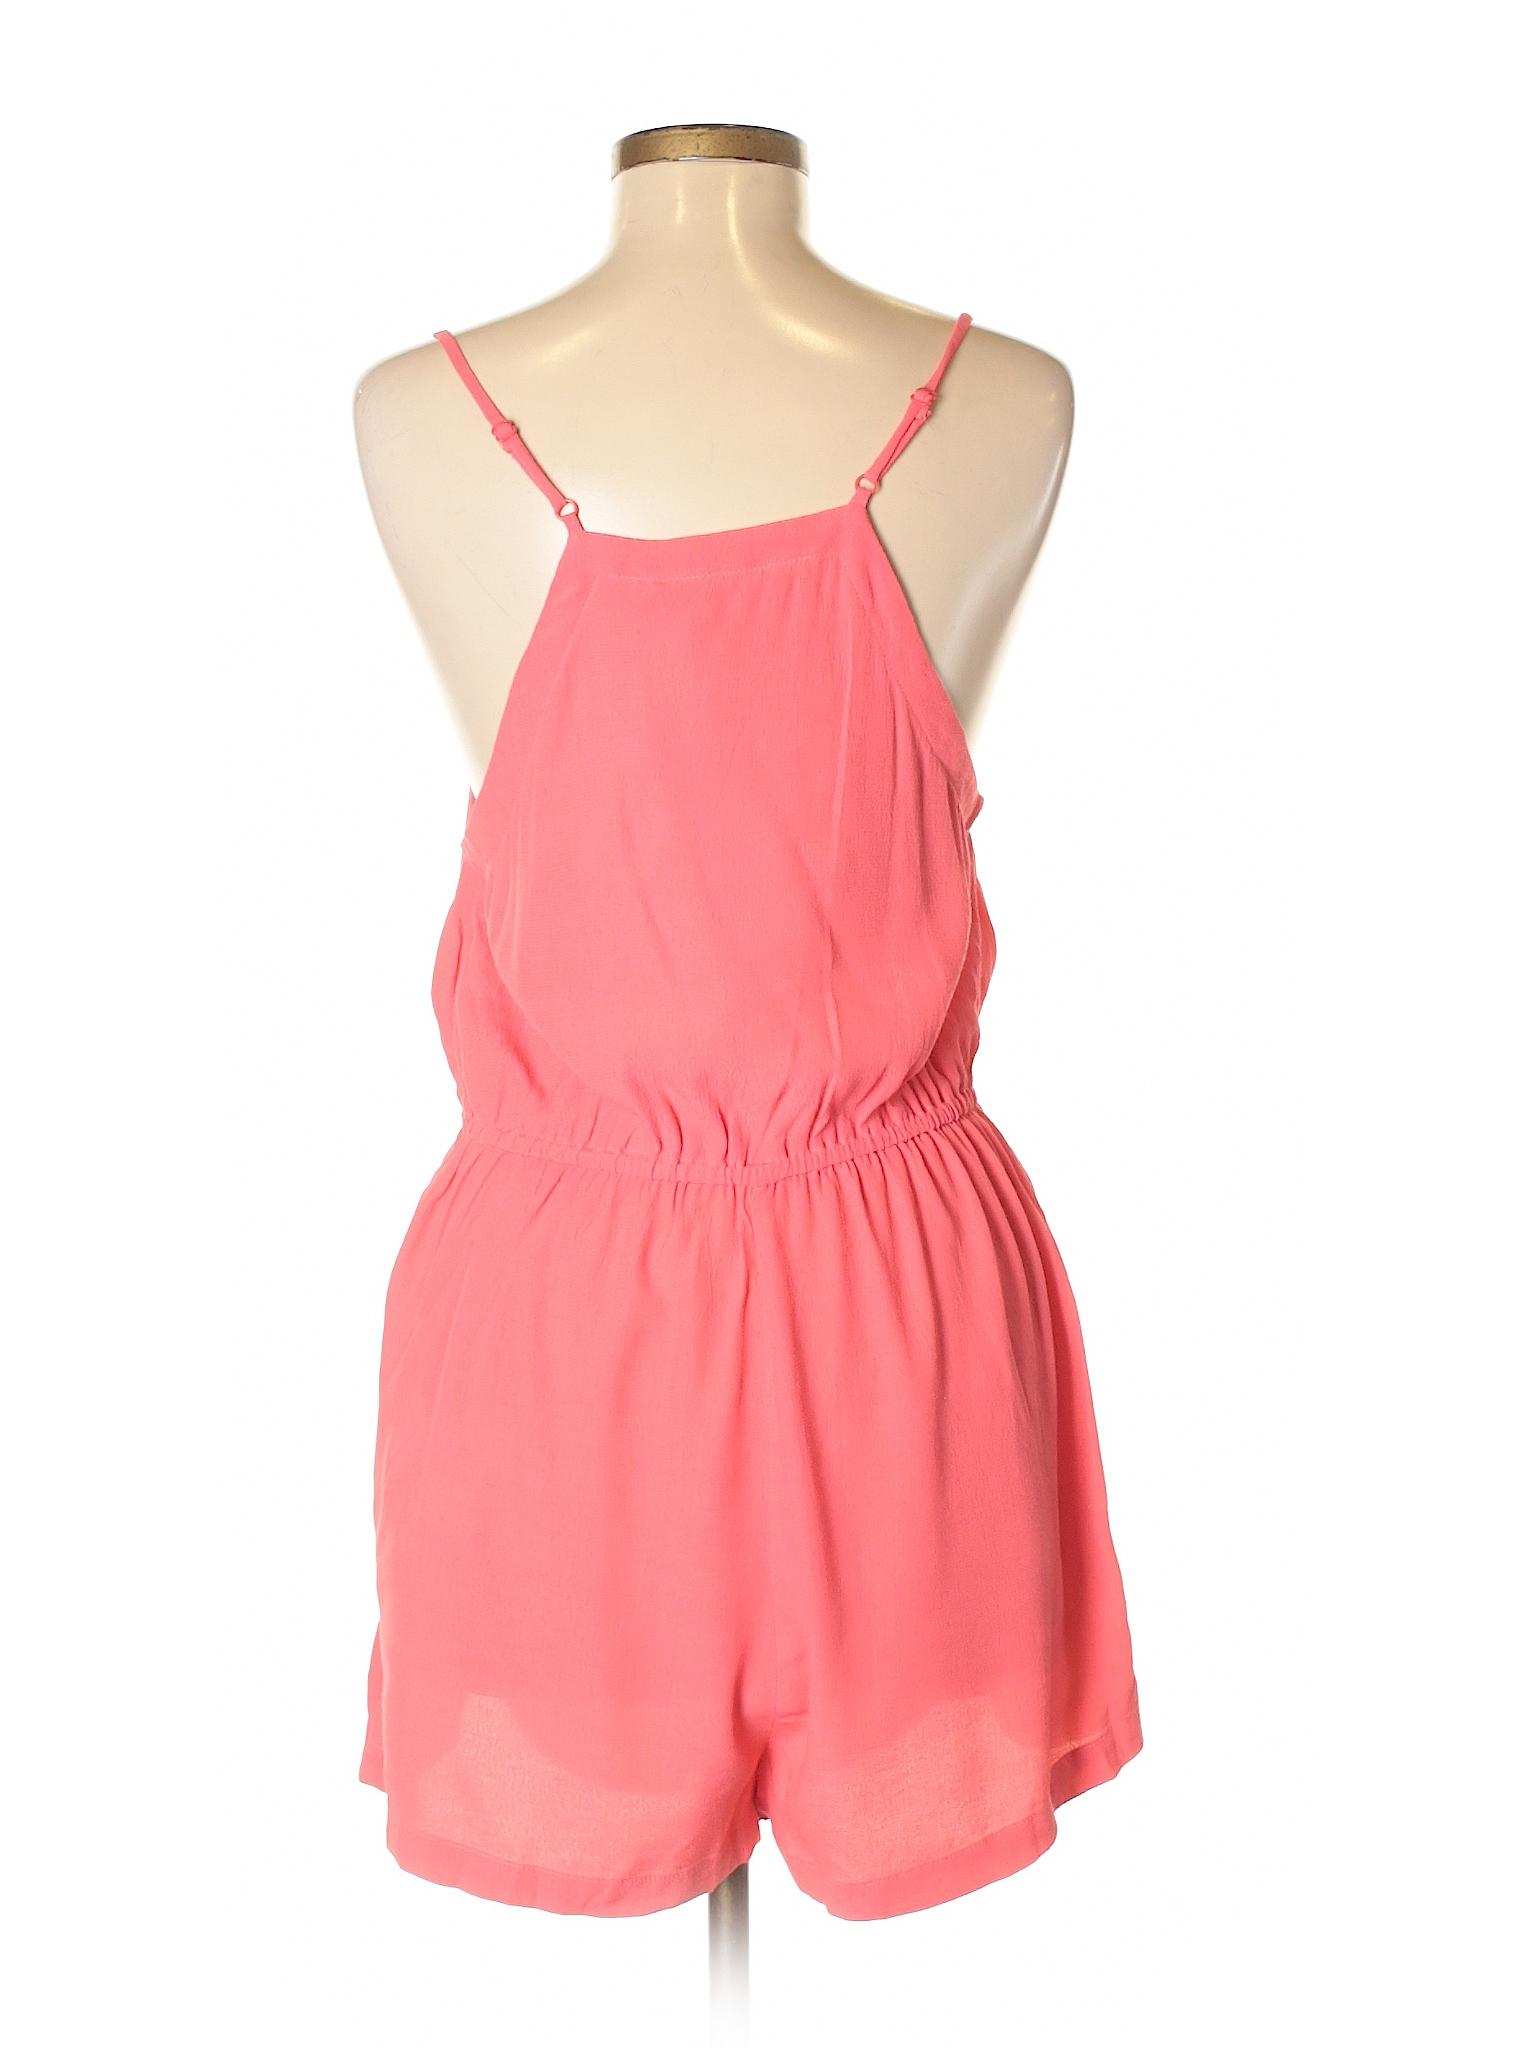 Boutique Boutique Pink Mink Pink Romper Boutique Romper Pink Mink Romper Boutique Mink Mink Pink waUUvqpx5A